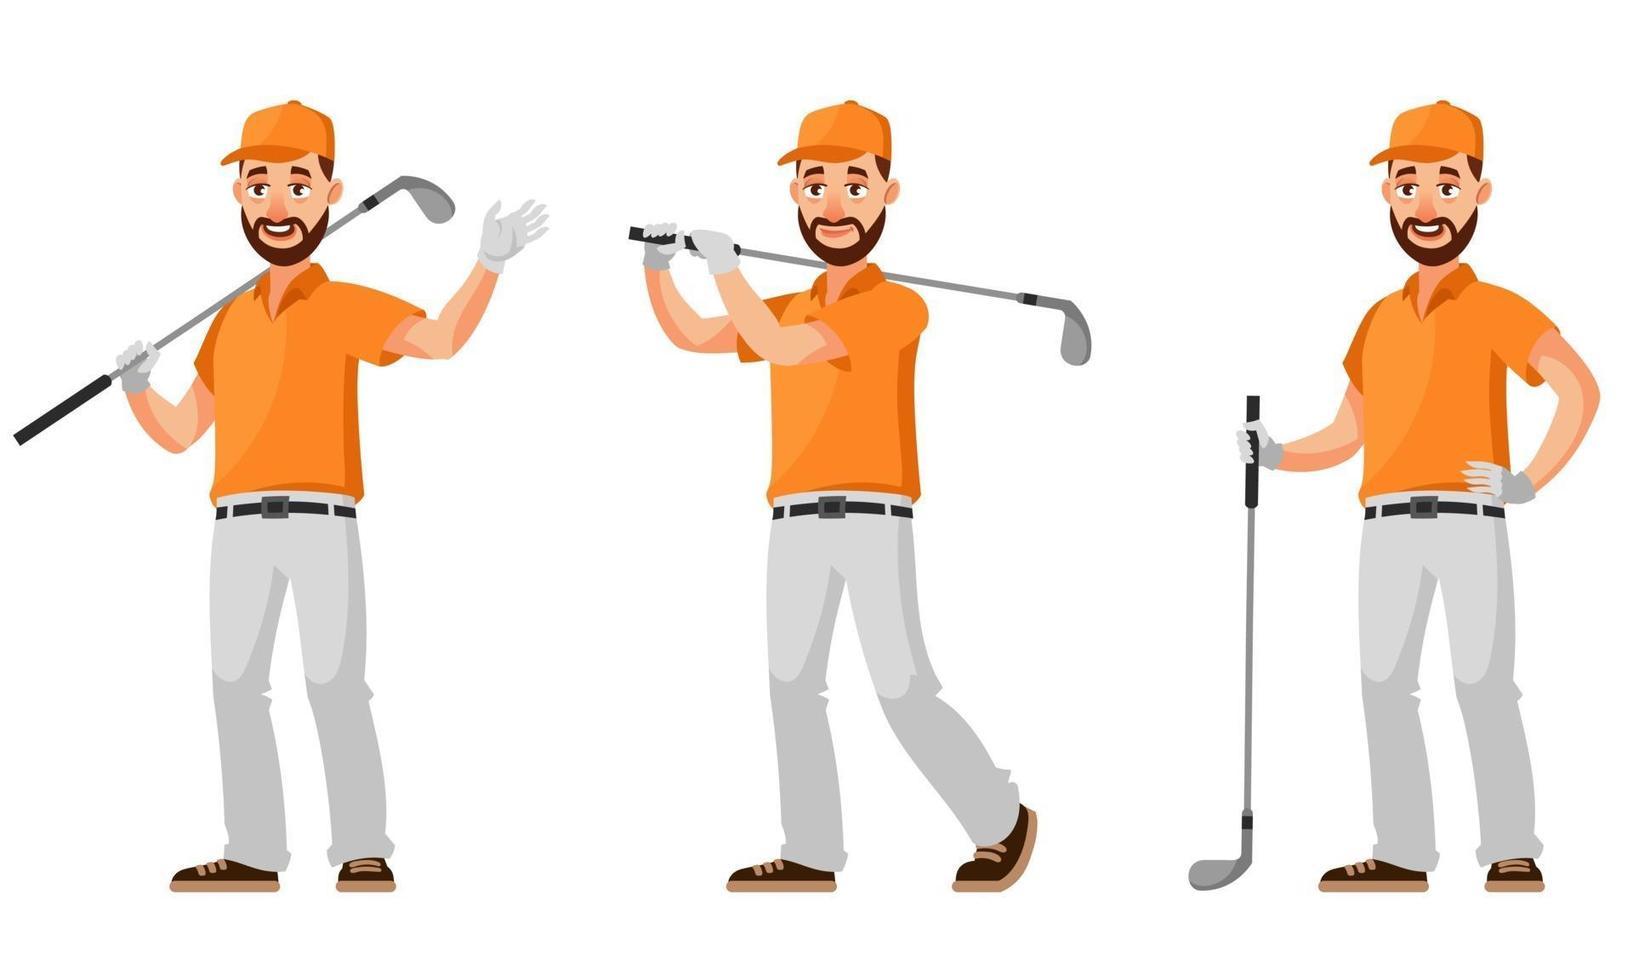 giocatore di golf in diverse pose. vettore